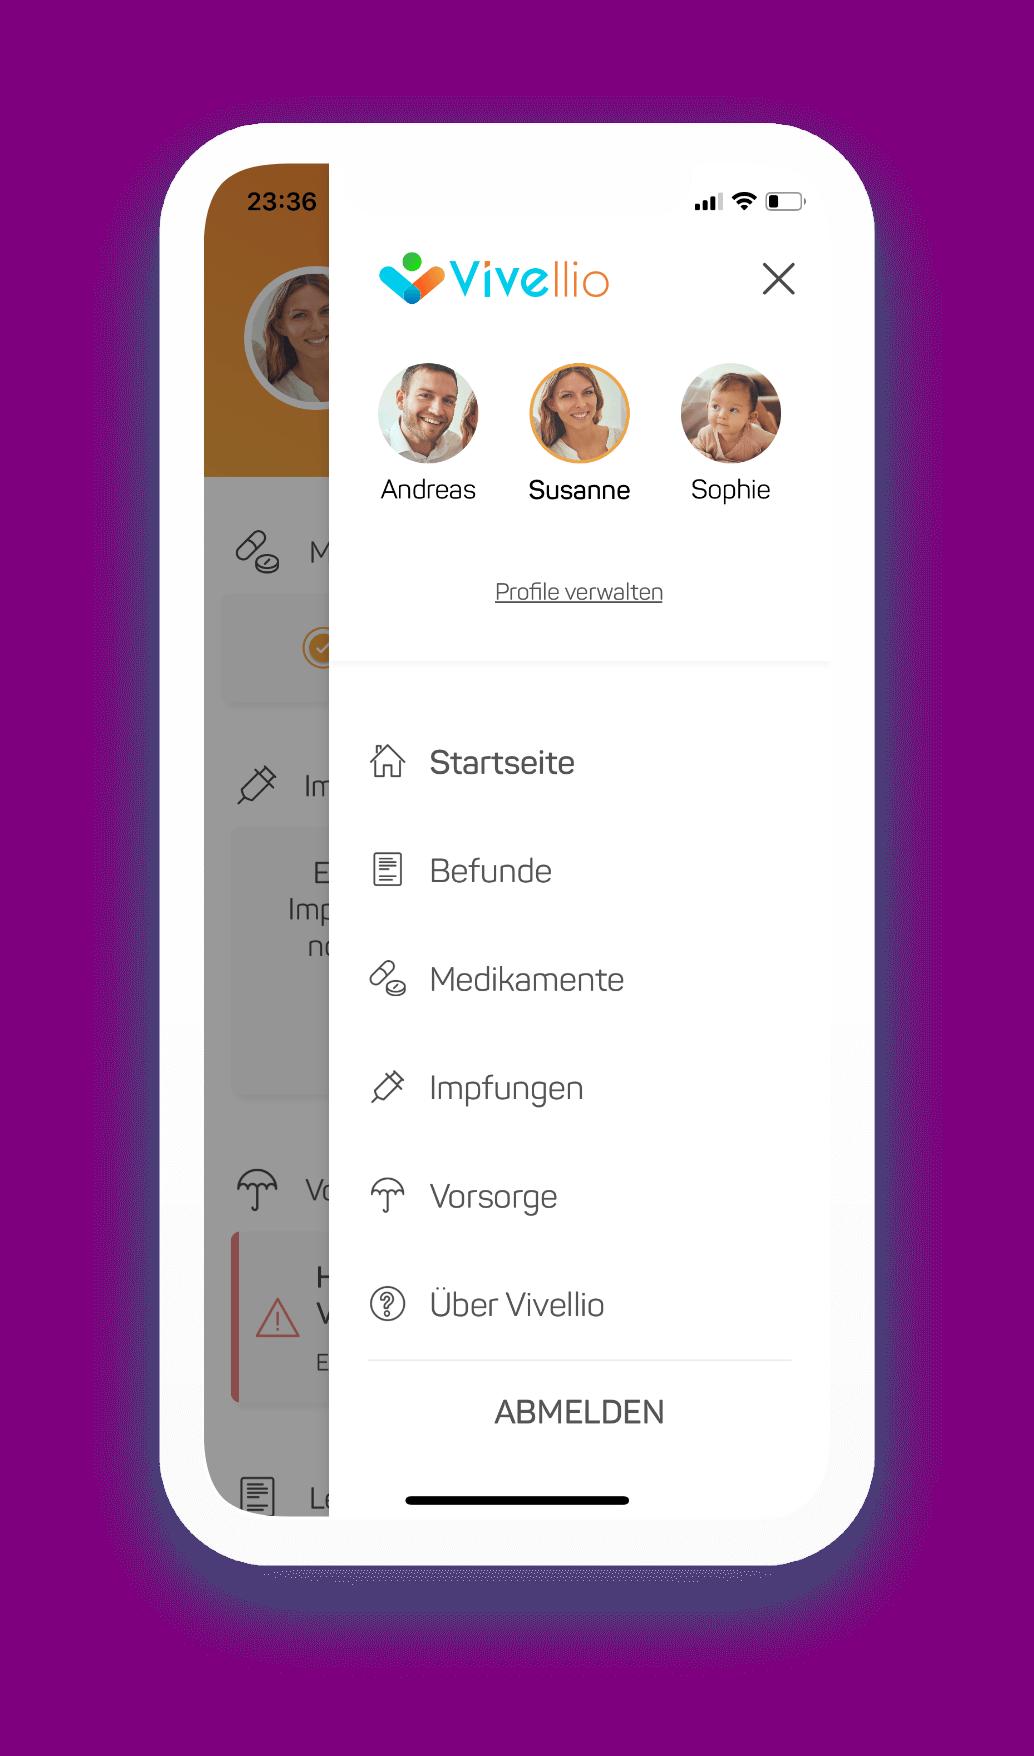 In der Vivellio App gibt es eine Übersicht über alle erstellten Profile